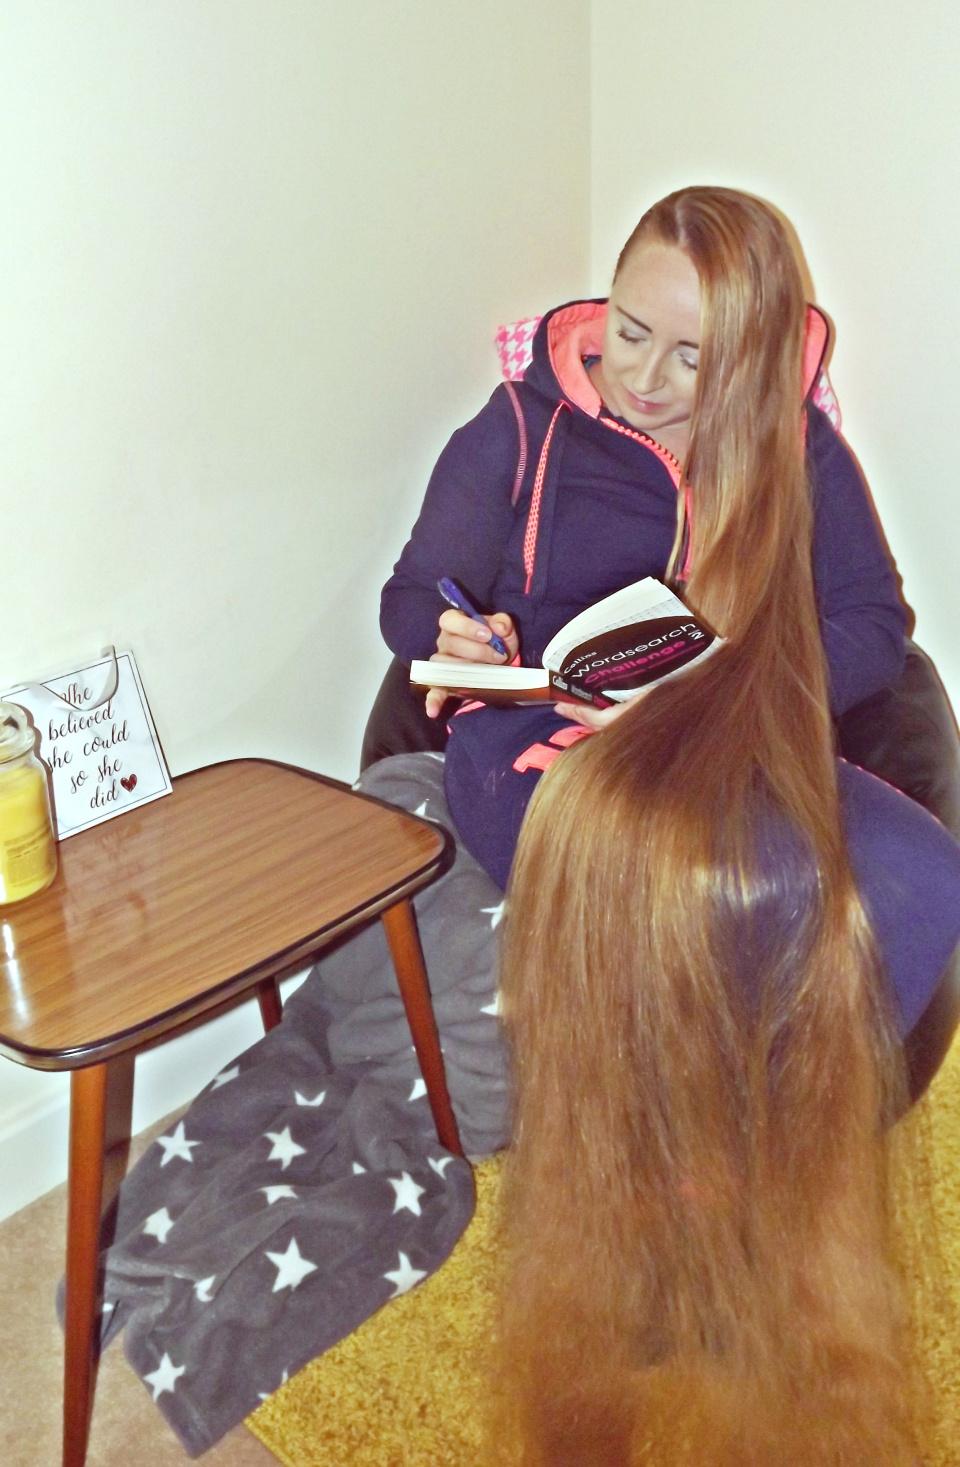 Женщина не стрижёт волосы годами и купается в комплиментах. Но даже вид принцессы не всегда спасает от хейта